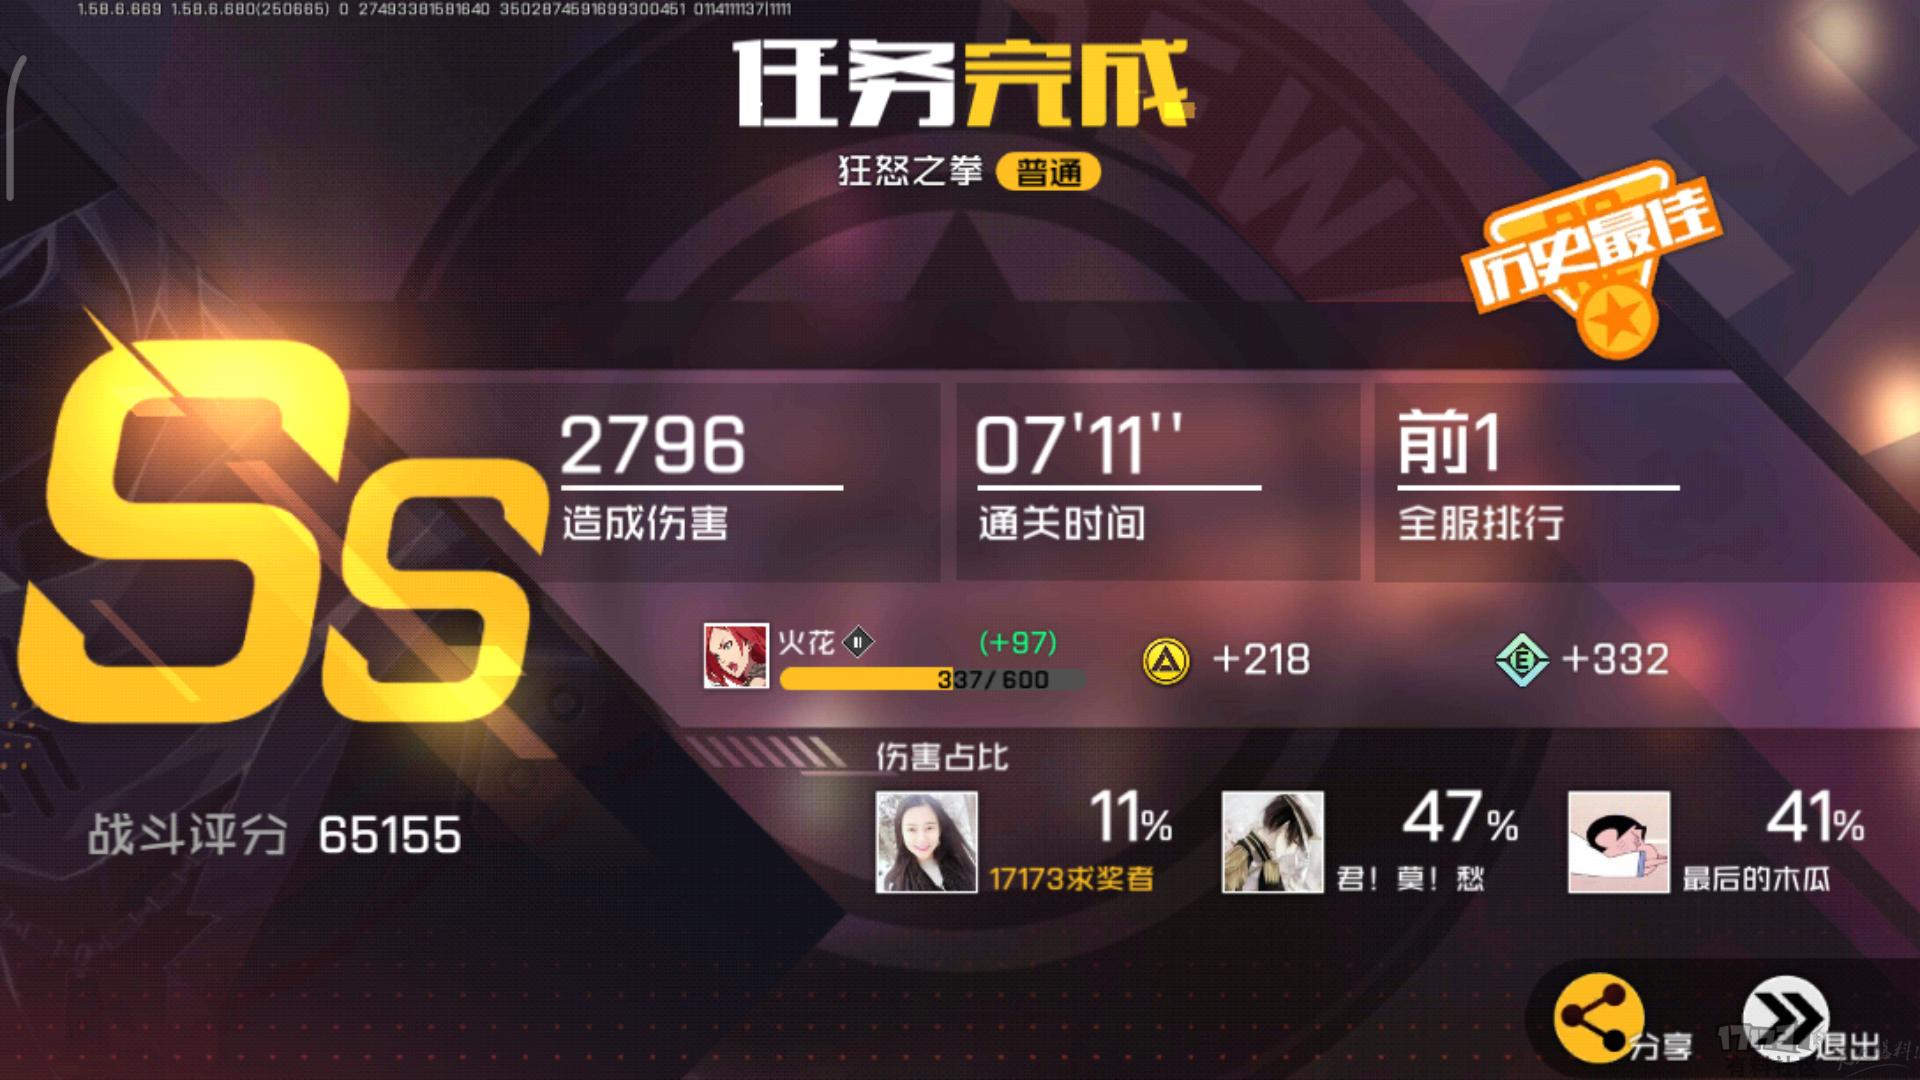 Screenshot_2020-01-14-11-12-29-883_com.tencent.af.png